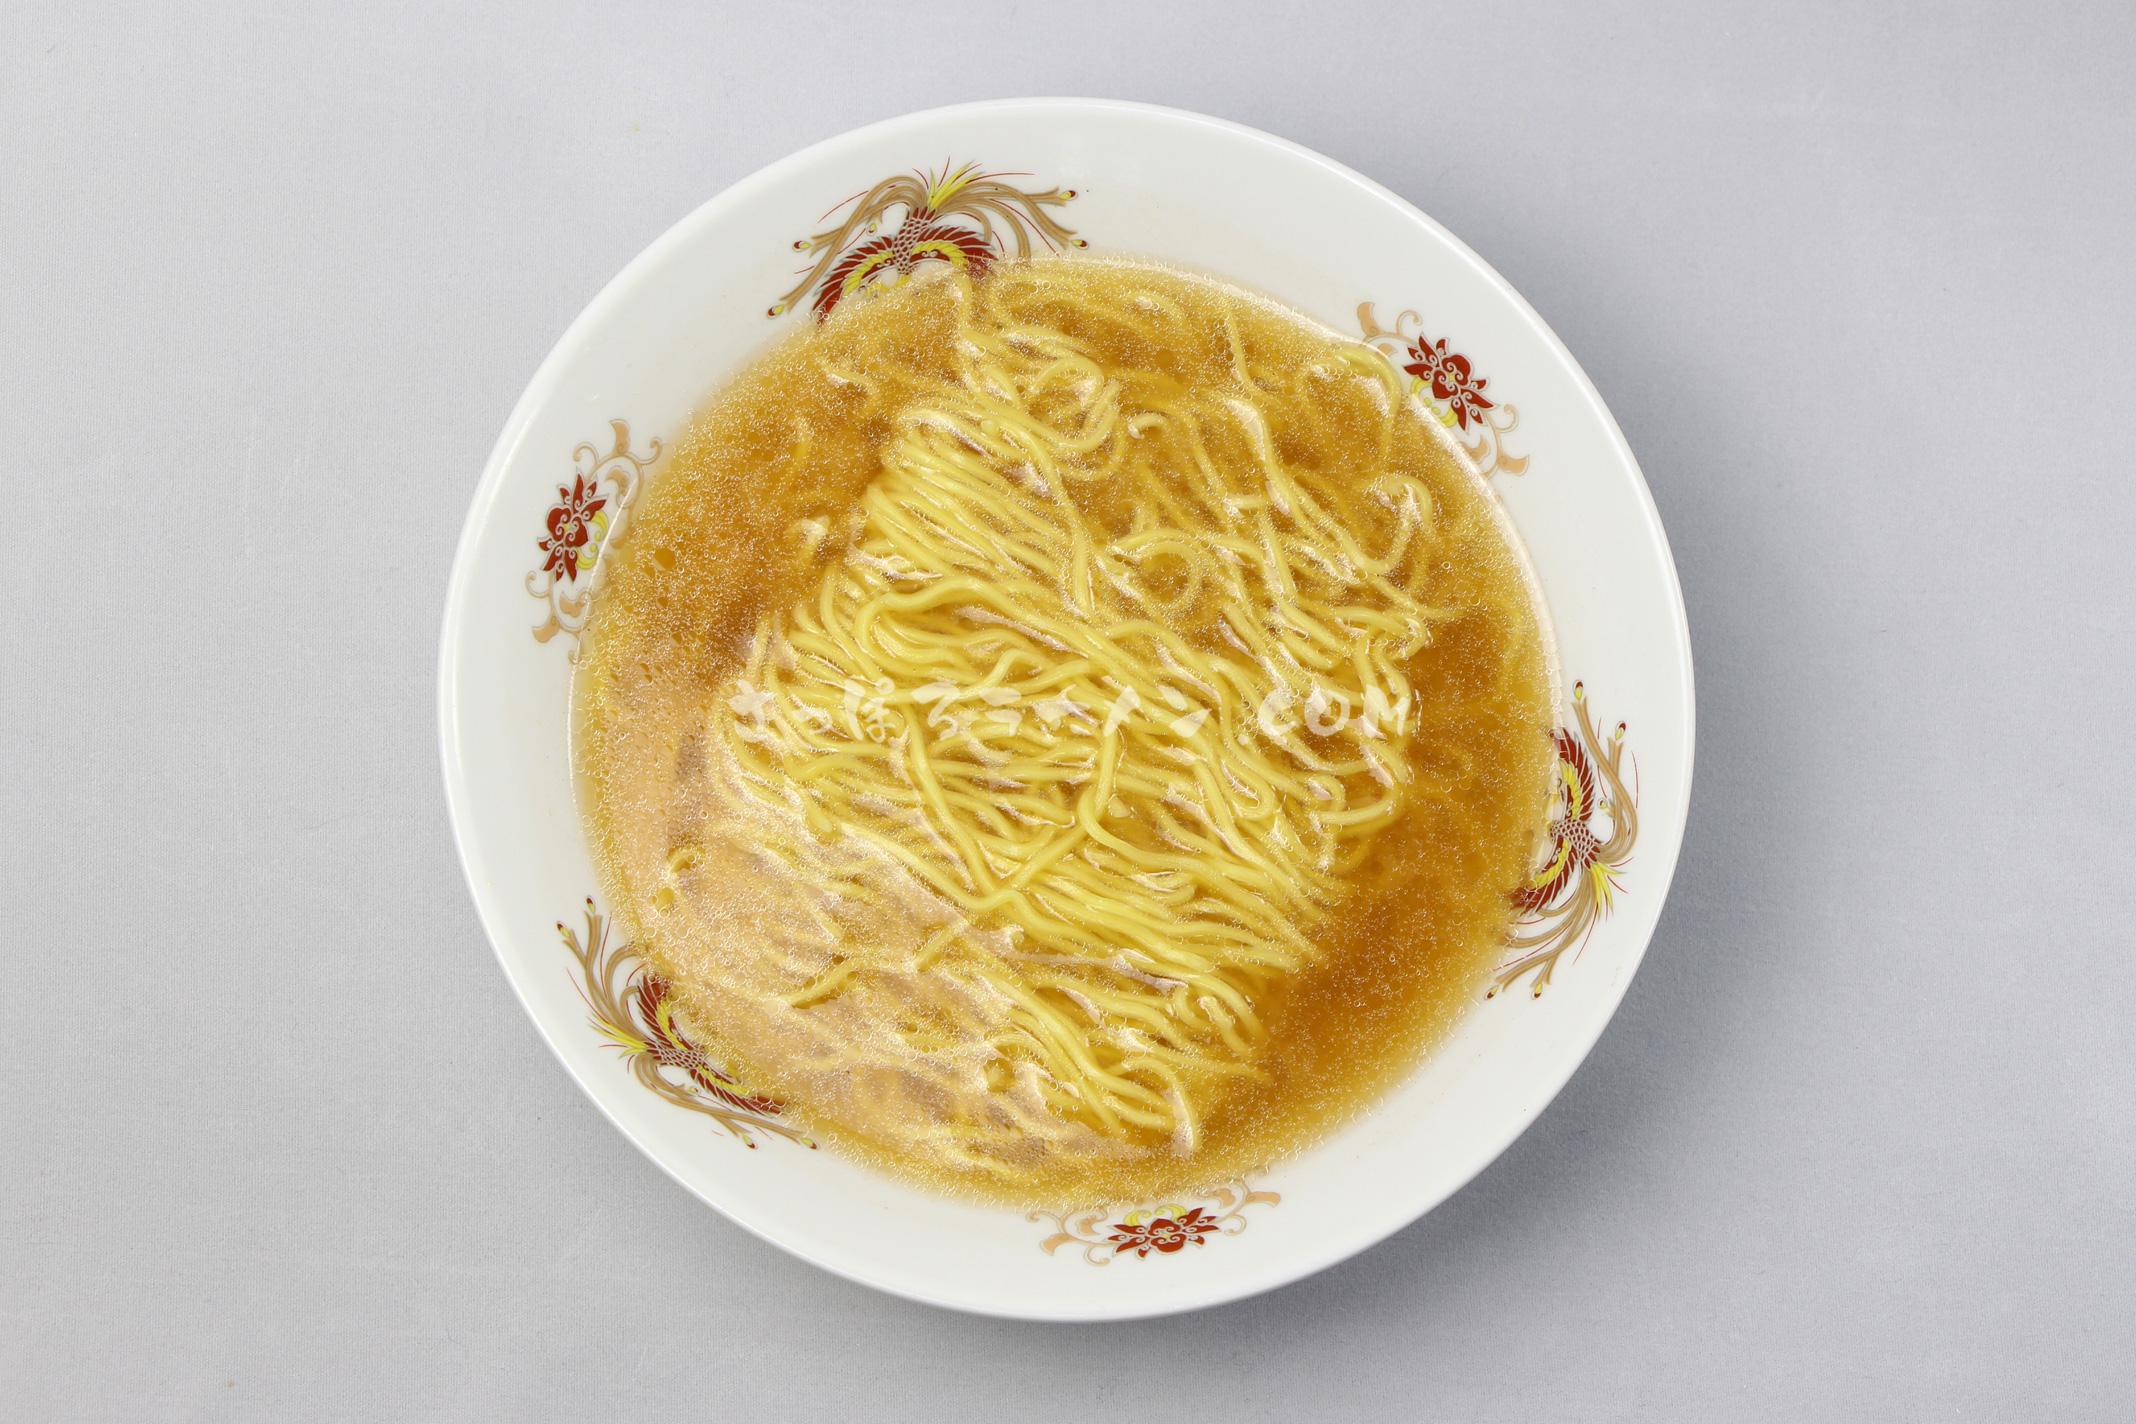 「本場北海道 カニ風味ラーメン 味噌」(藤原製麺)の完成画像